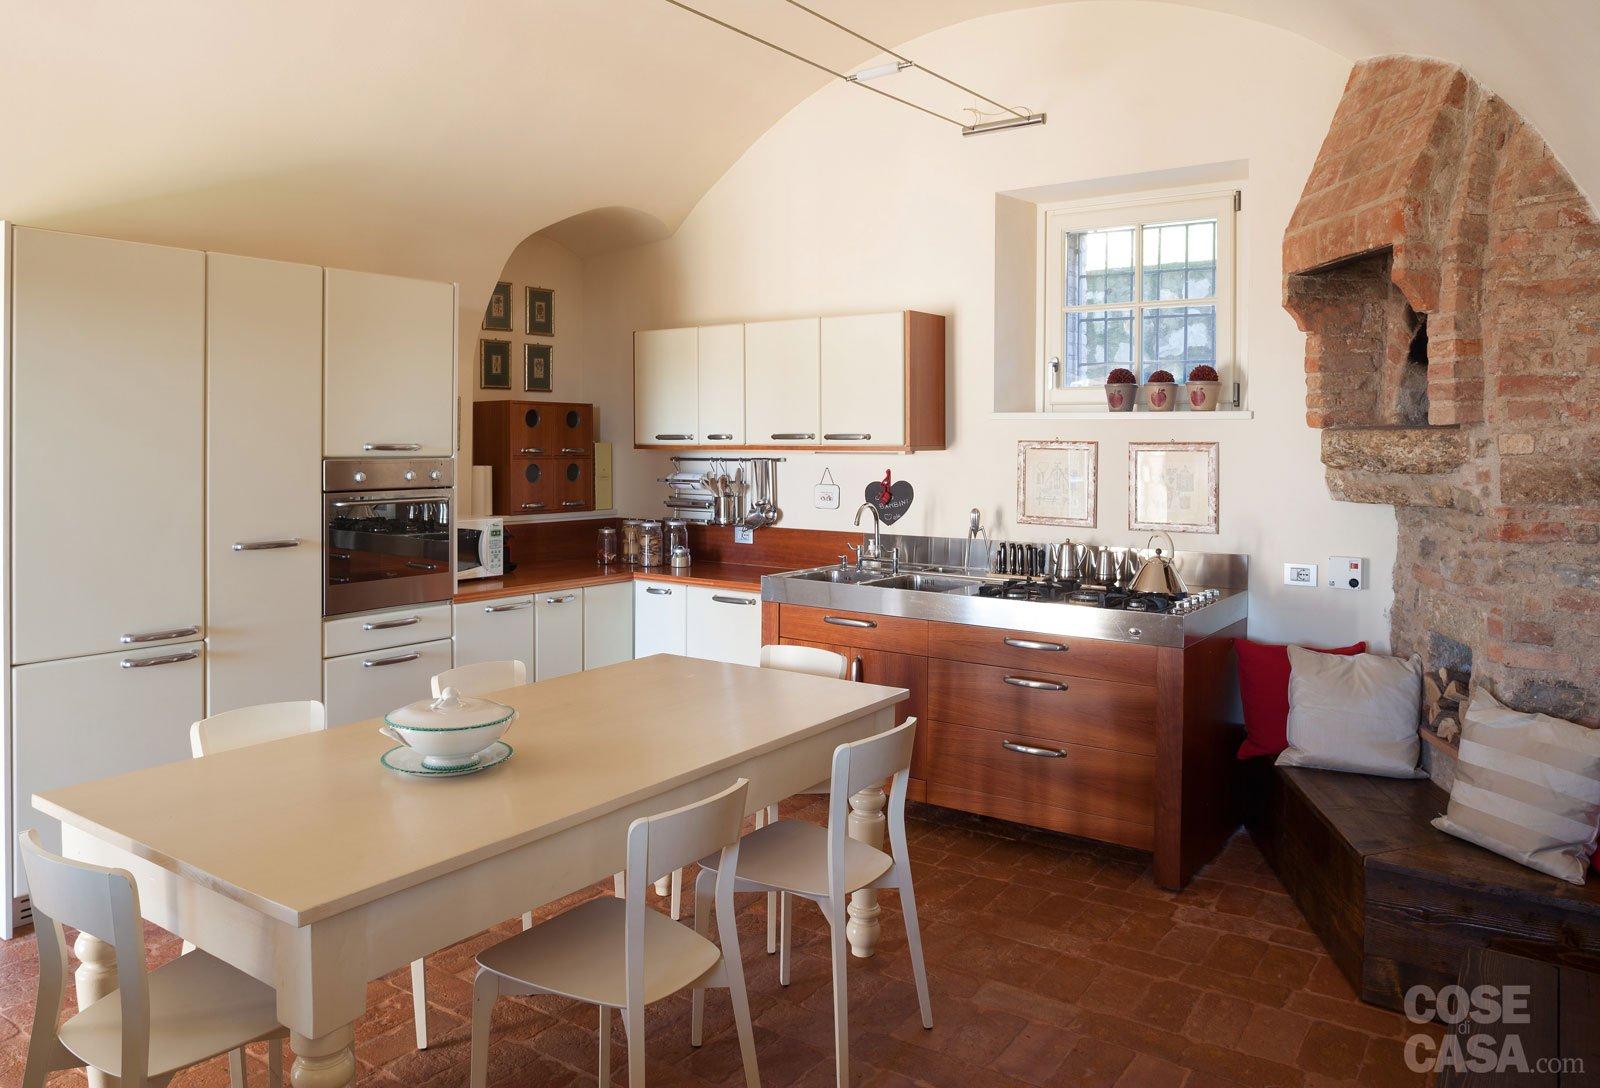 Una casa con ambienti moderni a sfondo rustico cose di casa - Arco interno casa ...